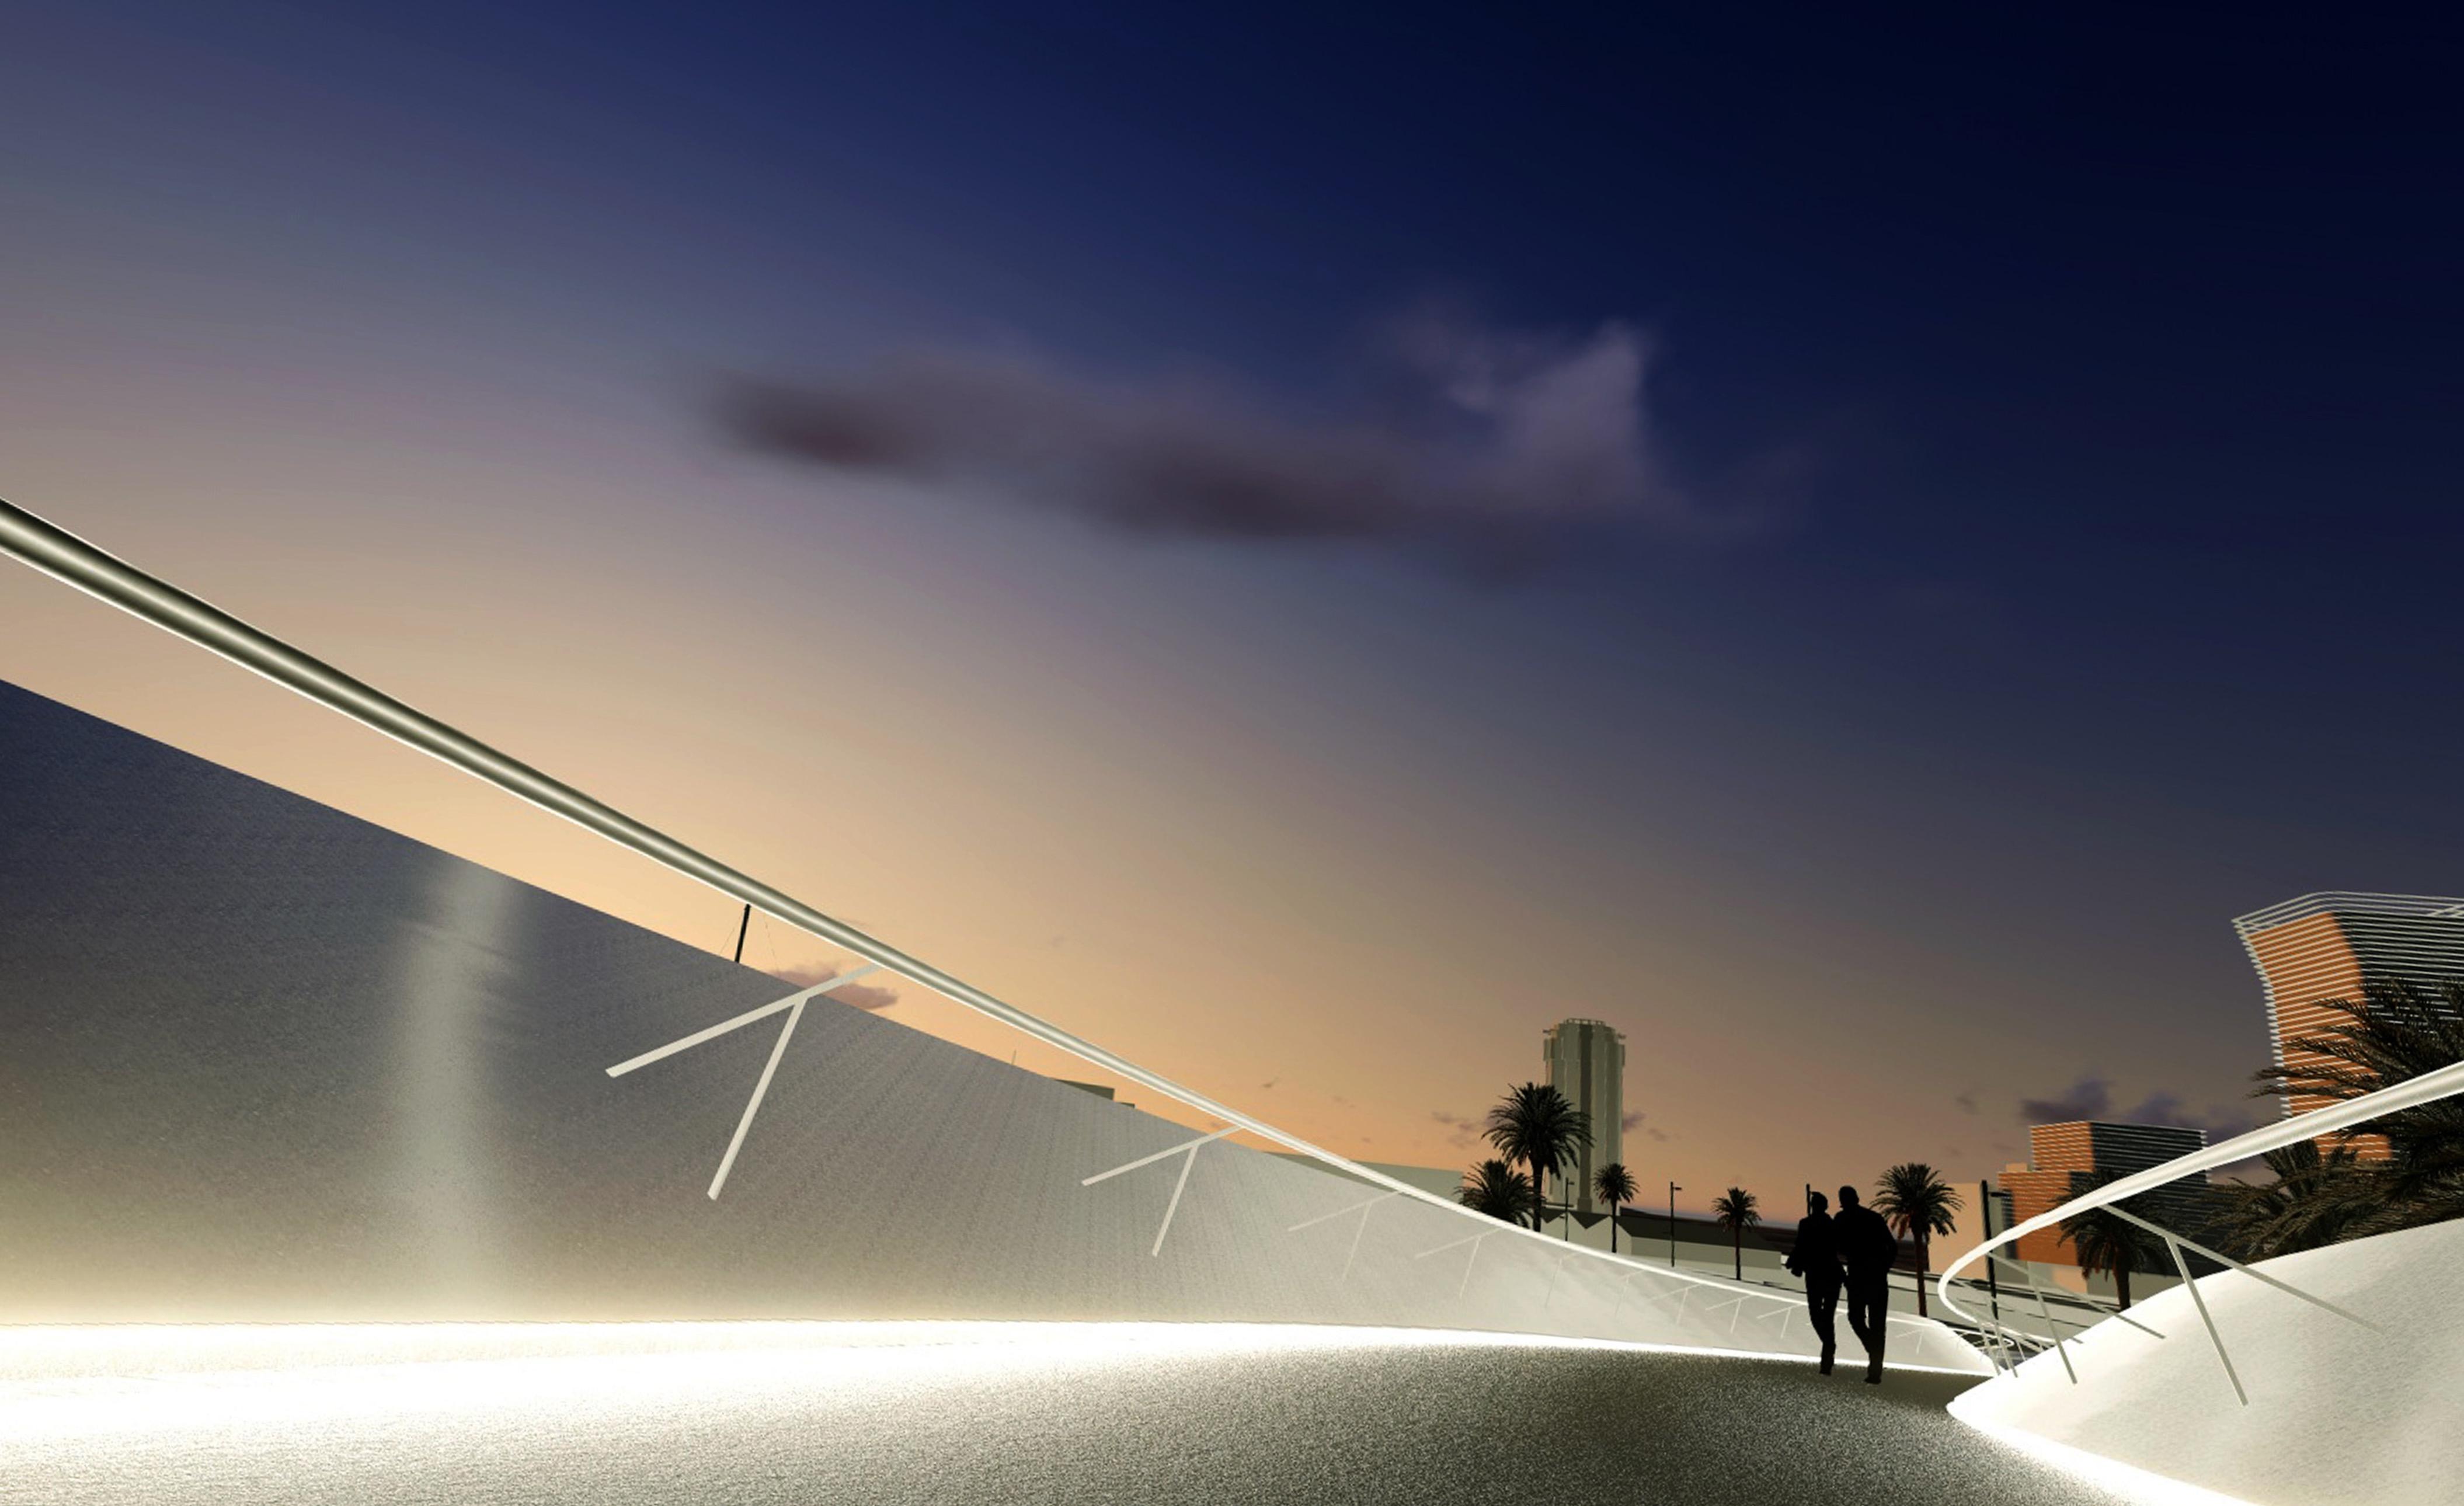 La pasarela que unirá el acuario con Las Canteras empezará a construirse en el 2017